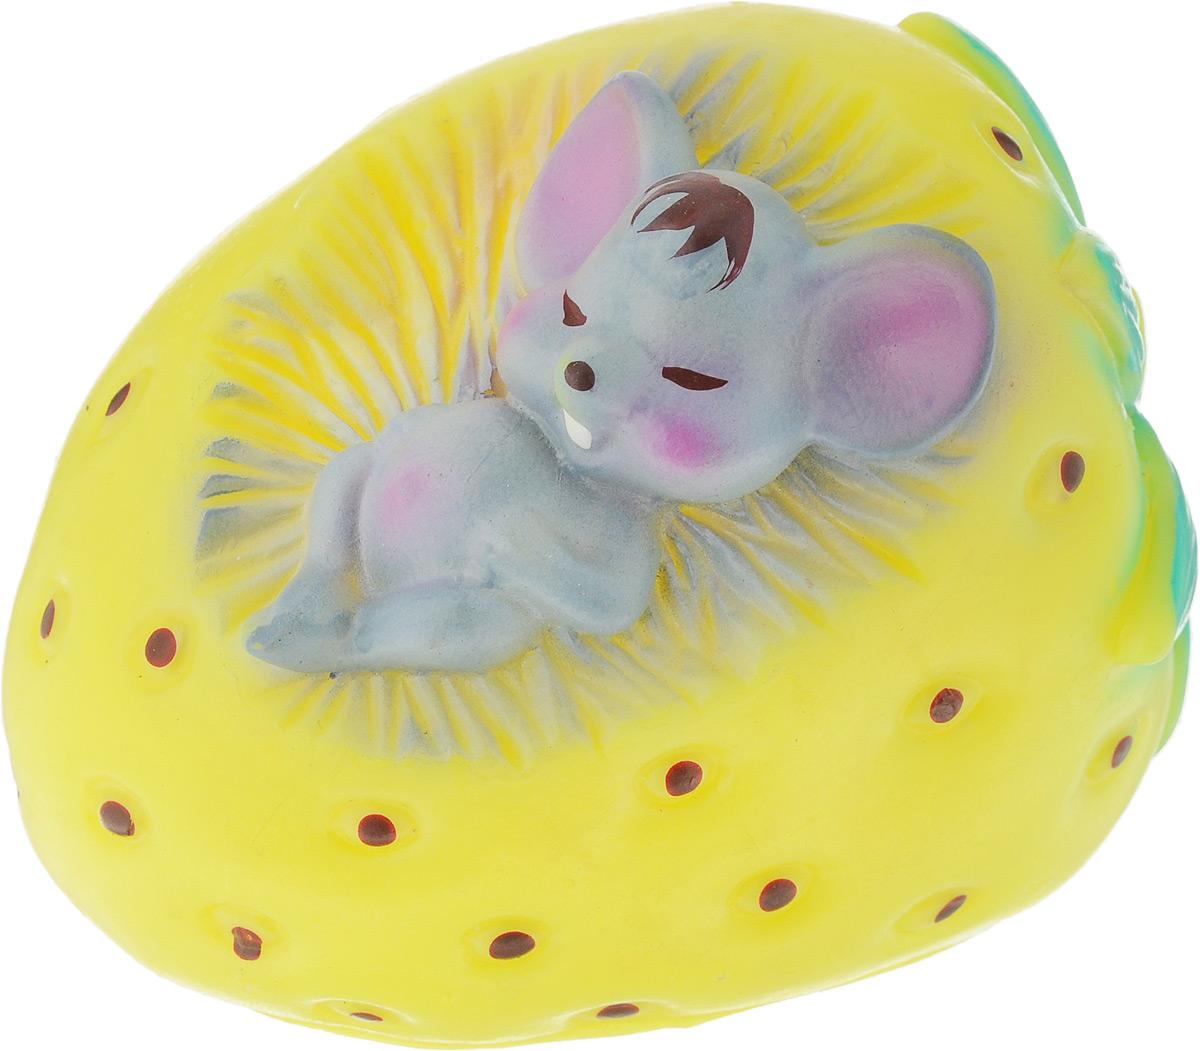 Игрушка для собак Зооник Мышь в клубнике, цвет: желтый, серый, зеленый, 7,5 х 10 х 11 смGLG004m-NT558Игрушка для собак Зооник Мышь в клубнике, выполненная из резины, отличается оригинальным дизайном. Высококачественный материал игрушки поможет ей прослужить дольше. Рельефная поверхность игрушки массирует десны, что способствует профилактике заболеваний полости рта. Игрушка оснащена пищалкой, что вызовет дополнительный интерес вашего питомца. Такая игрушка порадует вашего любимца, а вам доставит массу приятных эмоций, ведь наблюдать за игрой всегда интересно и приятно. Размер игрушки: 7,5 х 10 х 11 см.